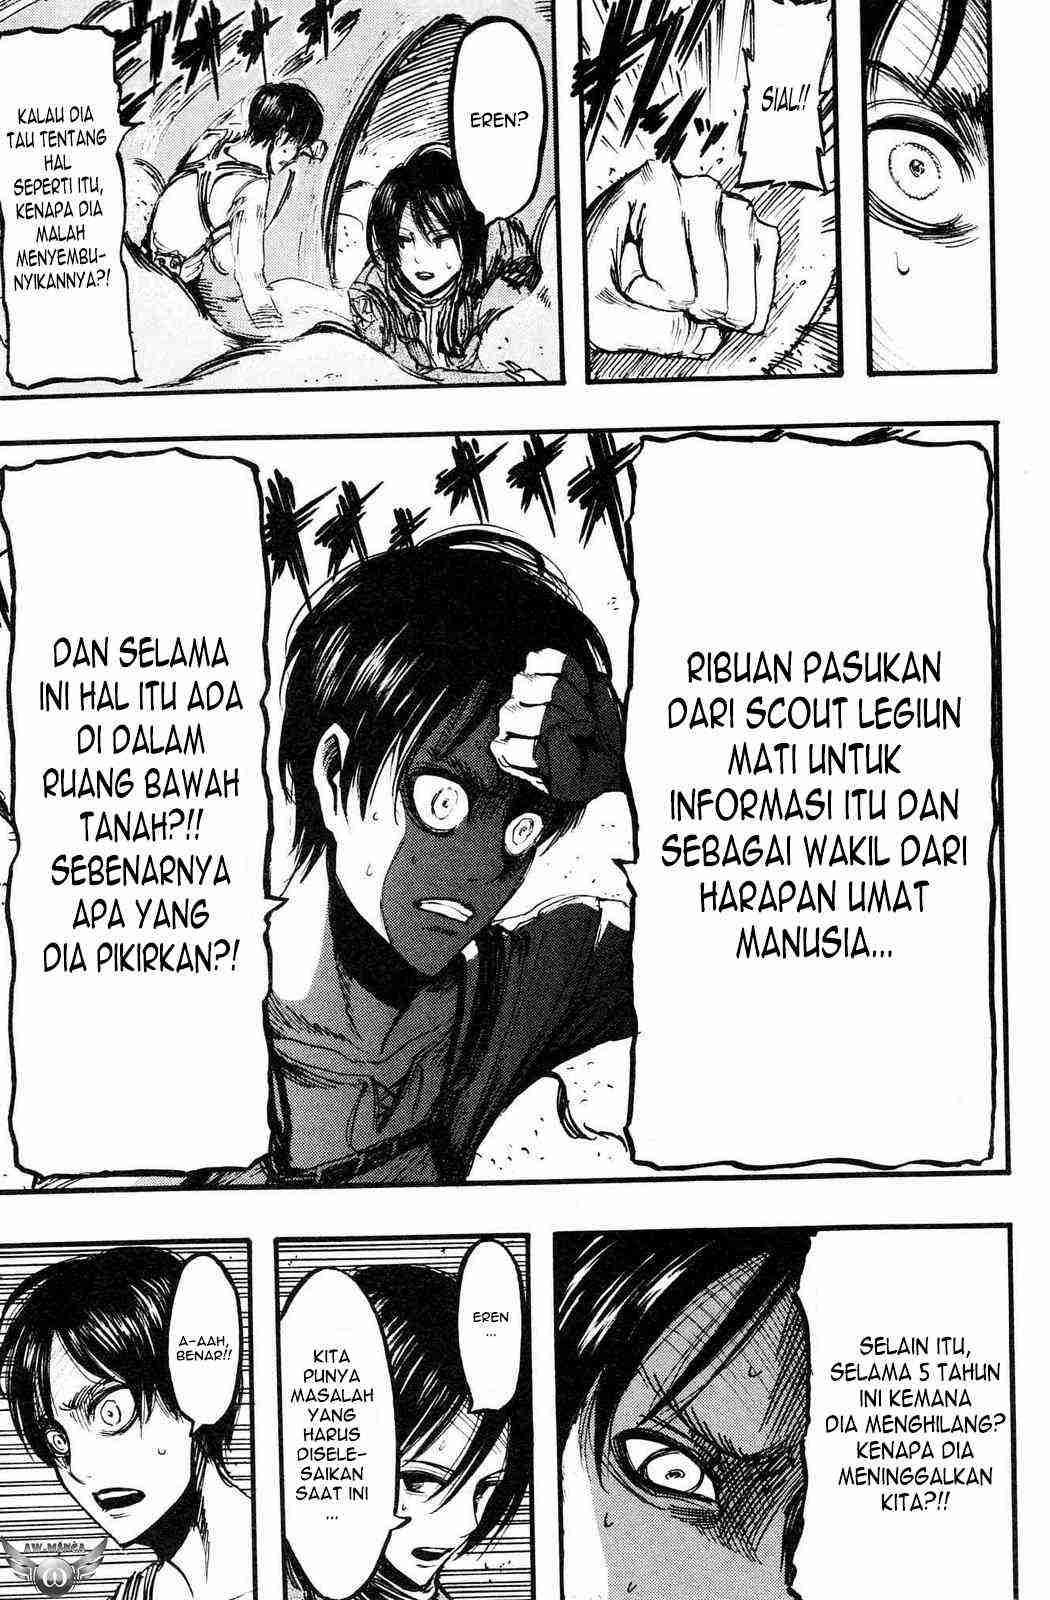 Komik shingeki no kyojin 011 12 Indonesia shingeki no kyojin 011 Terbaru 19 Baca Manga Komik Indonesia 